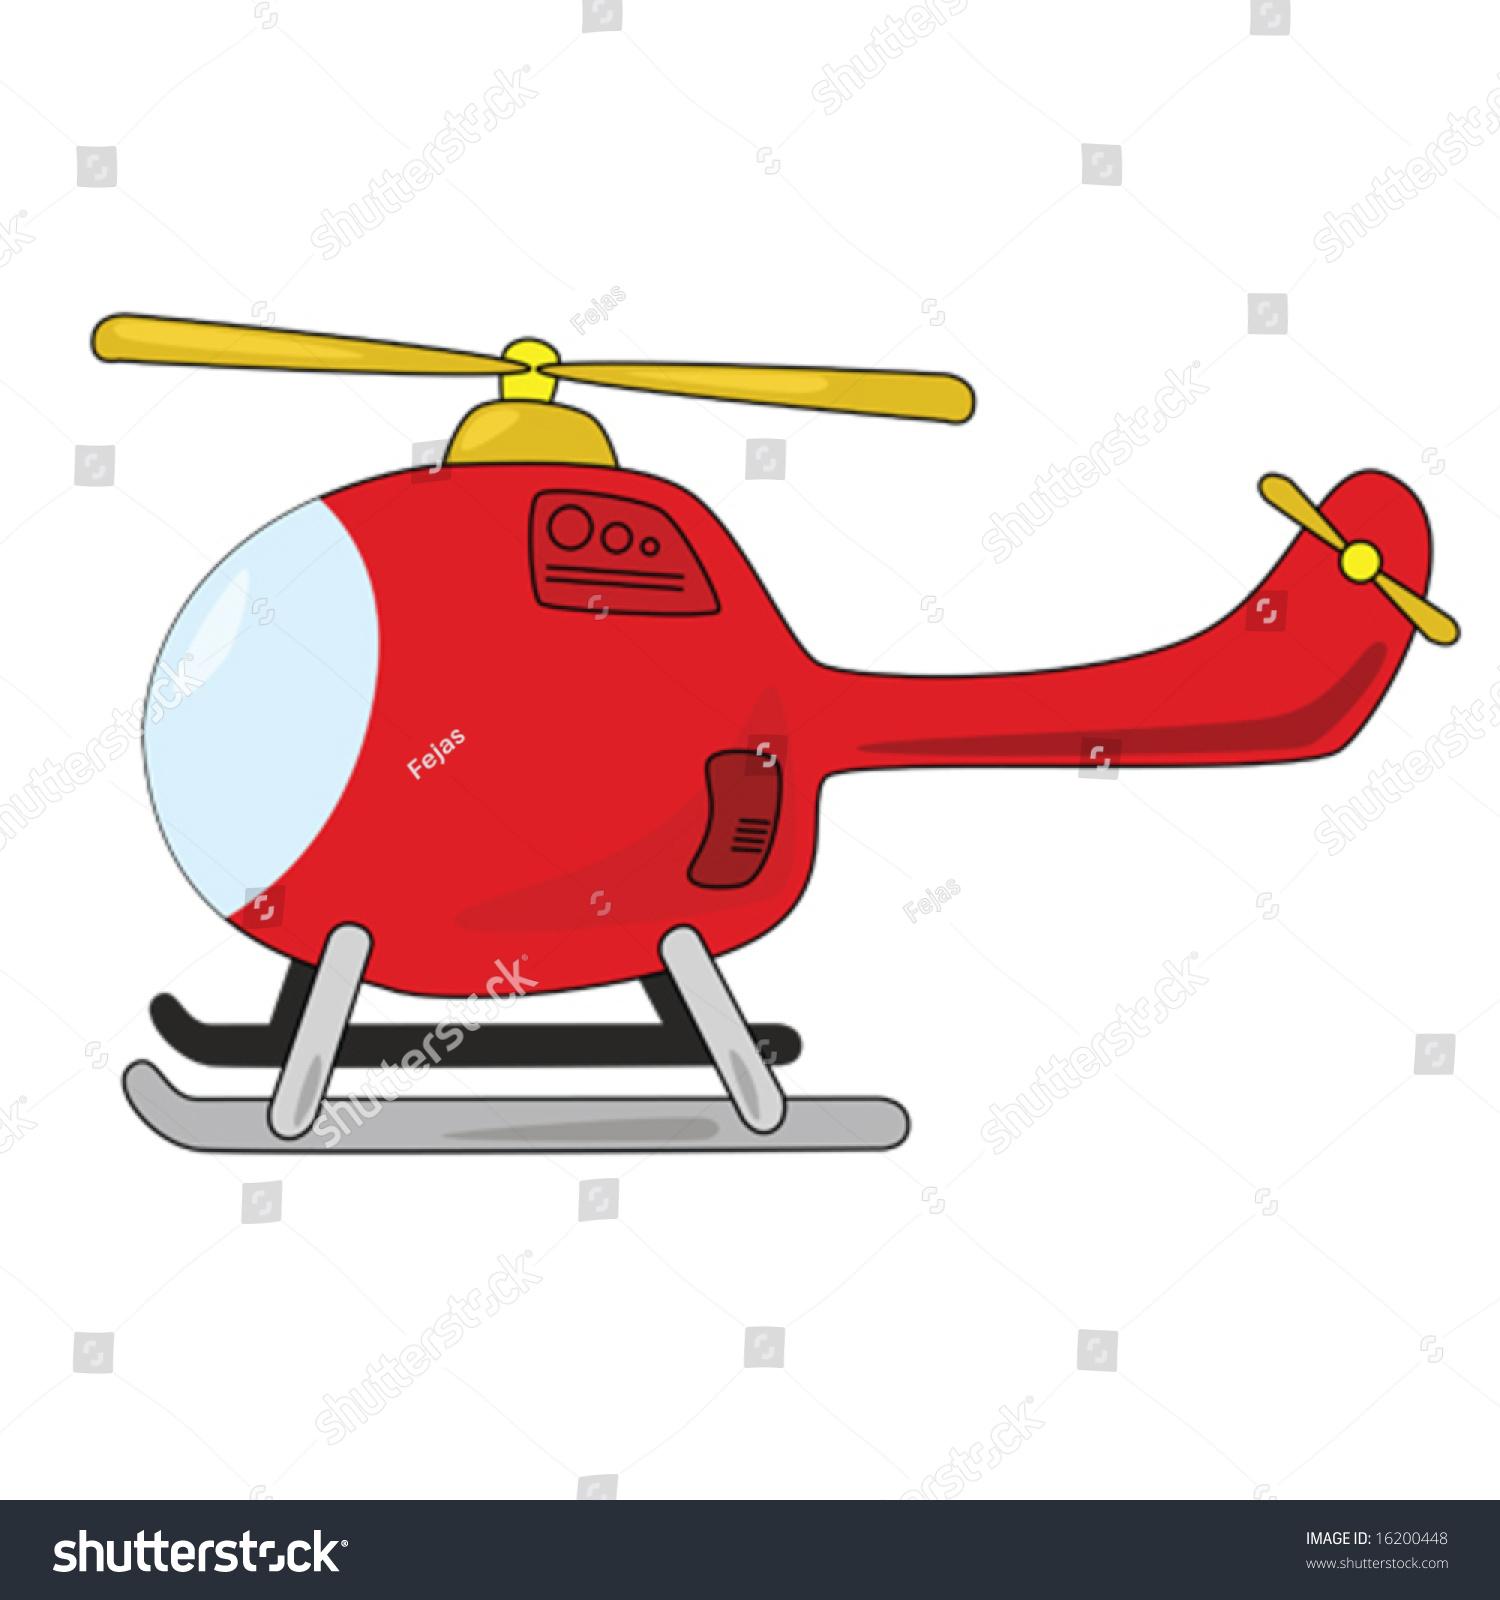 卡通插图的直升机,孤立在白色的